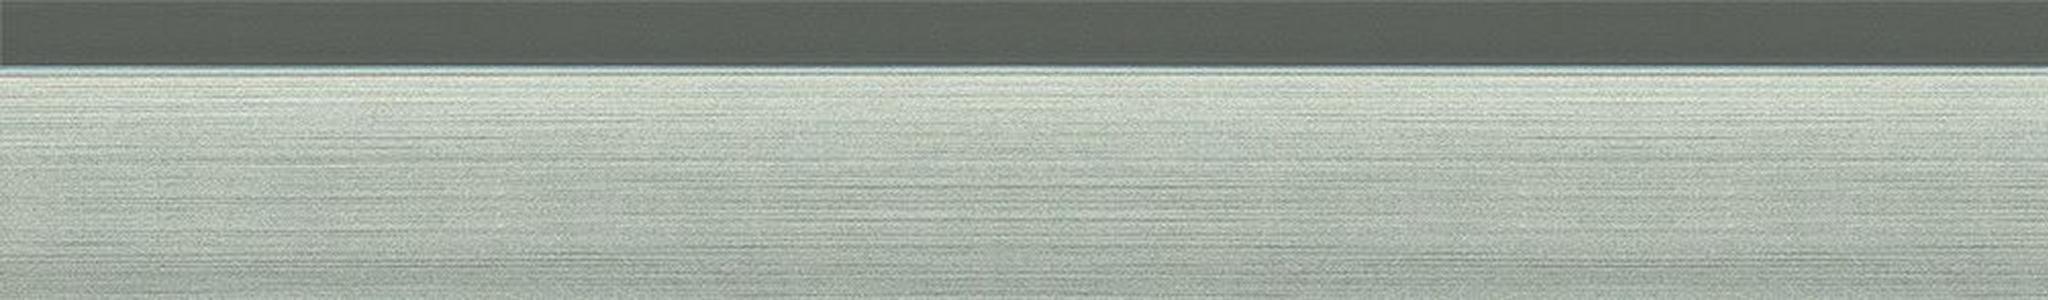 HD 290947 bordo acrilico 3D acciaio-grigio